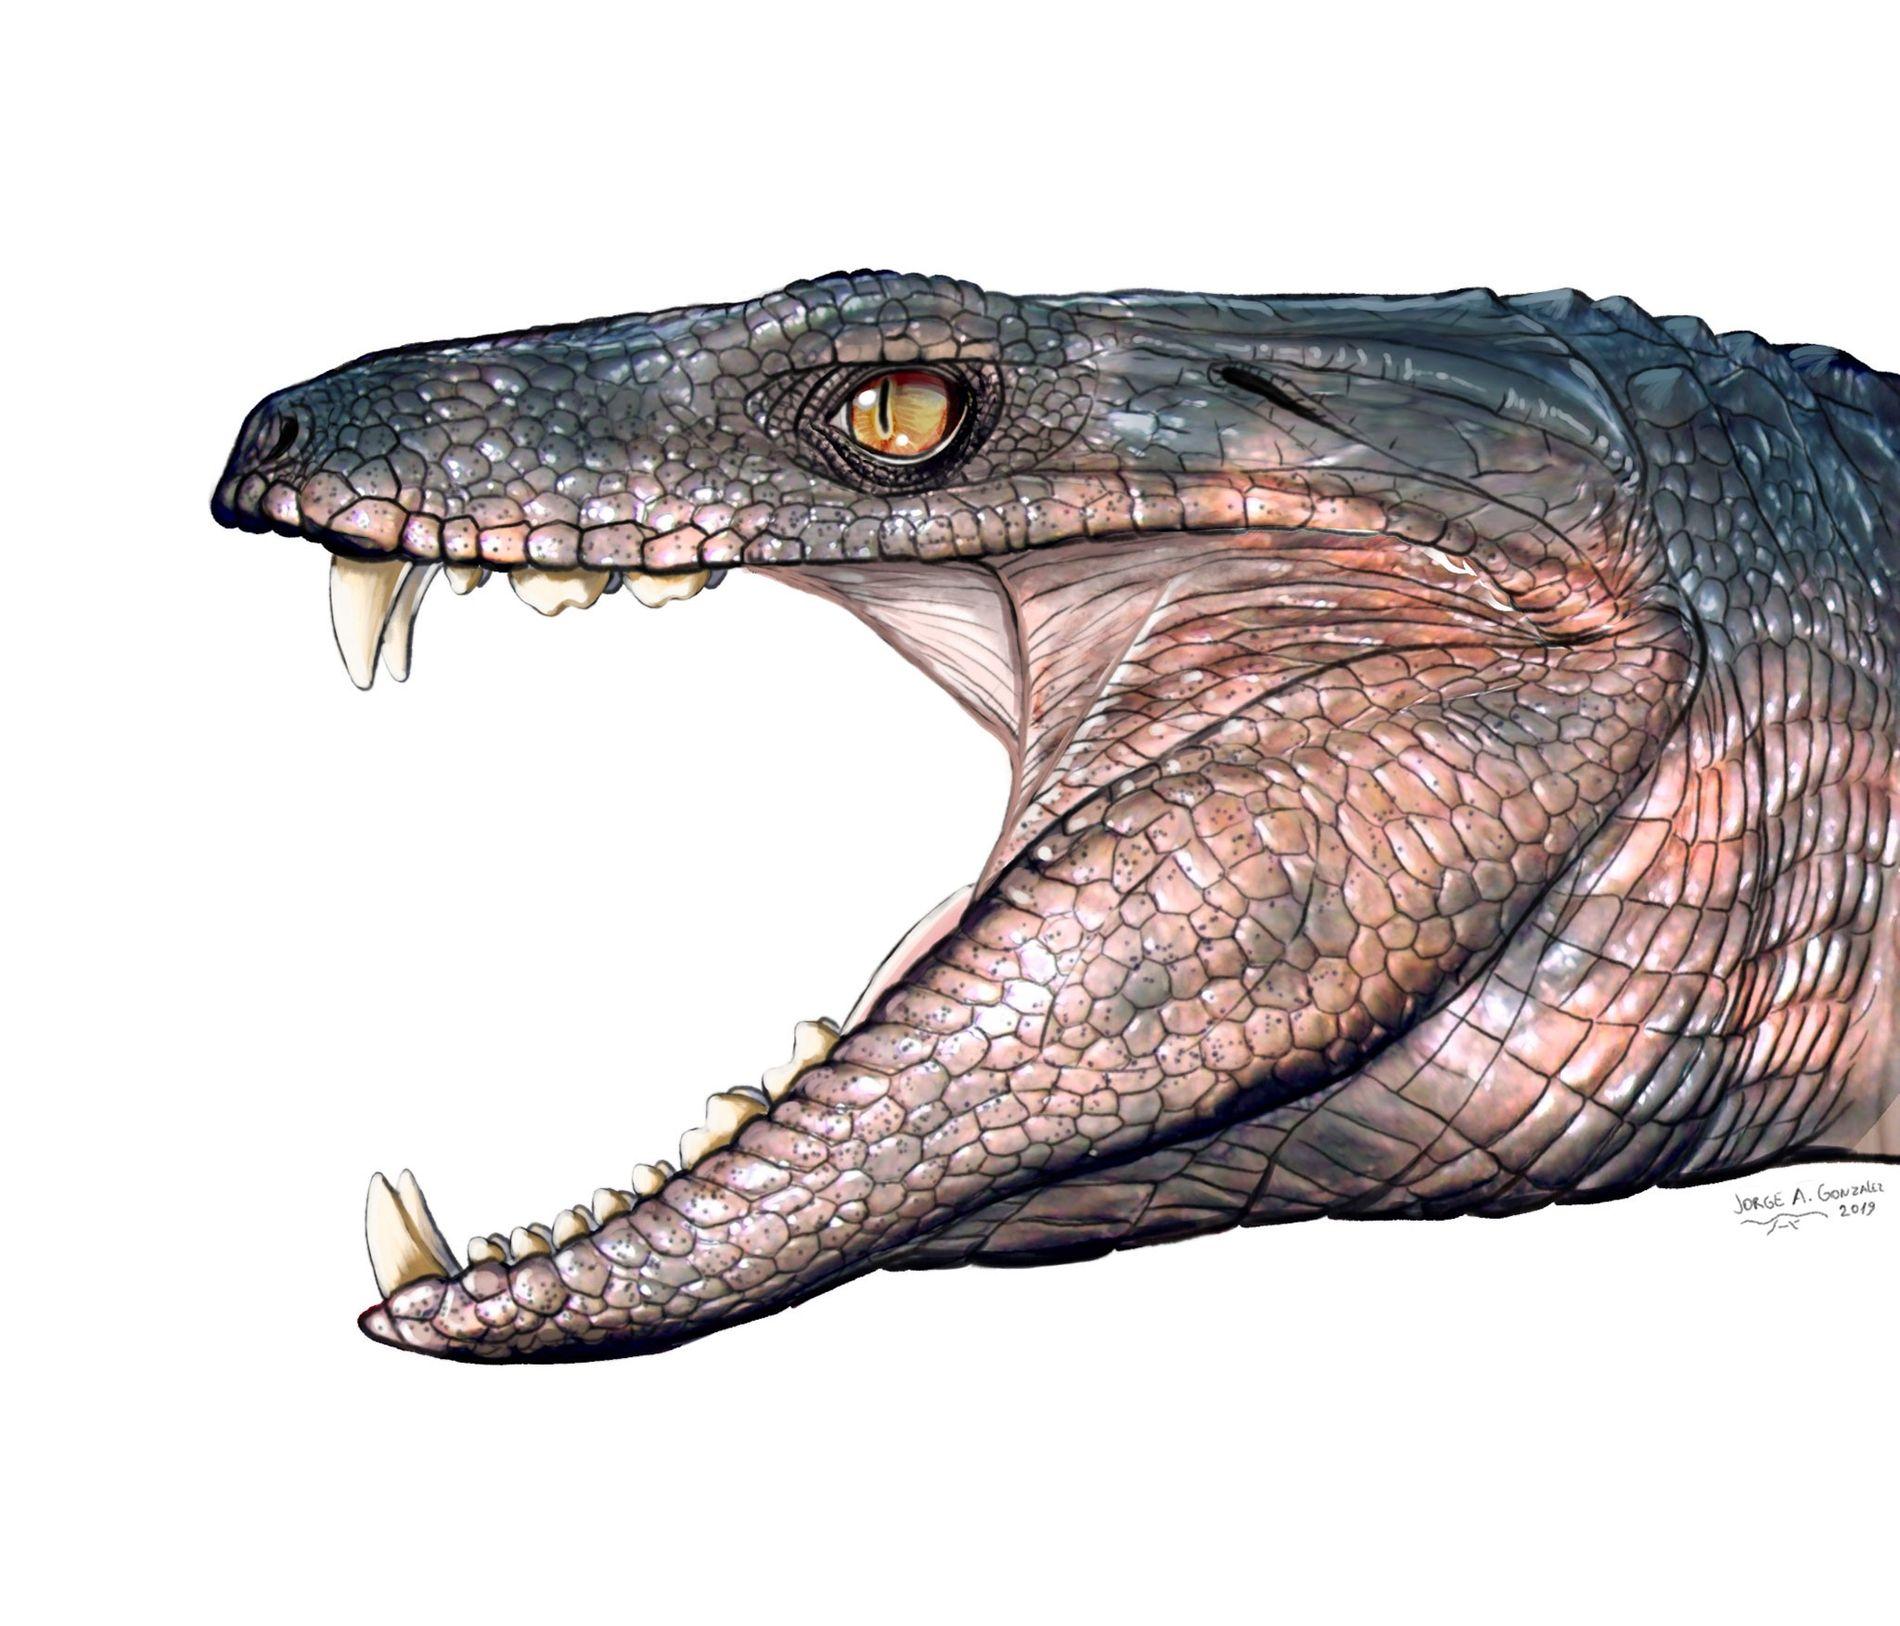 L'espèce éteinte de crocodilien Pakasuchus (illustrée ci-dessus) était herbivore selon les analyses menées sur ses dents ...